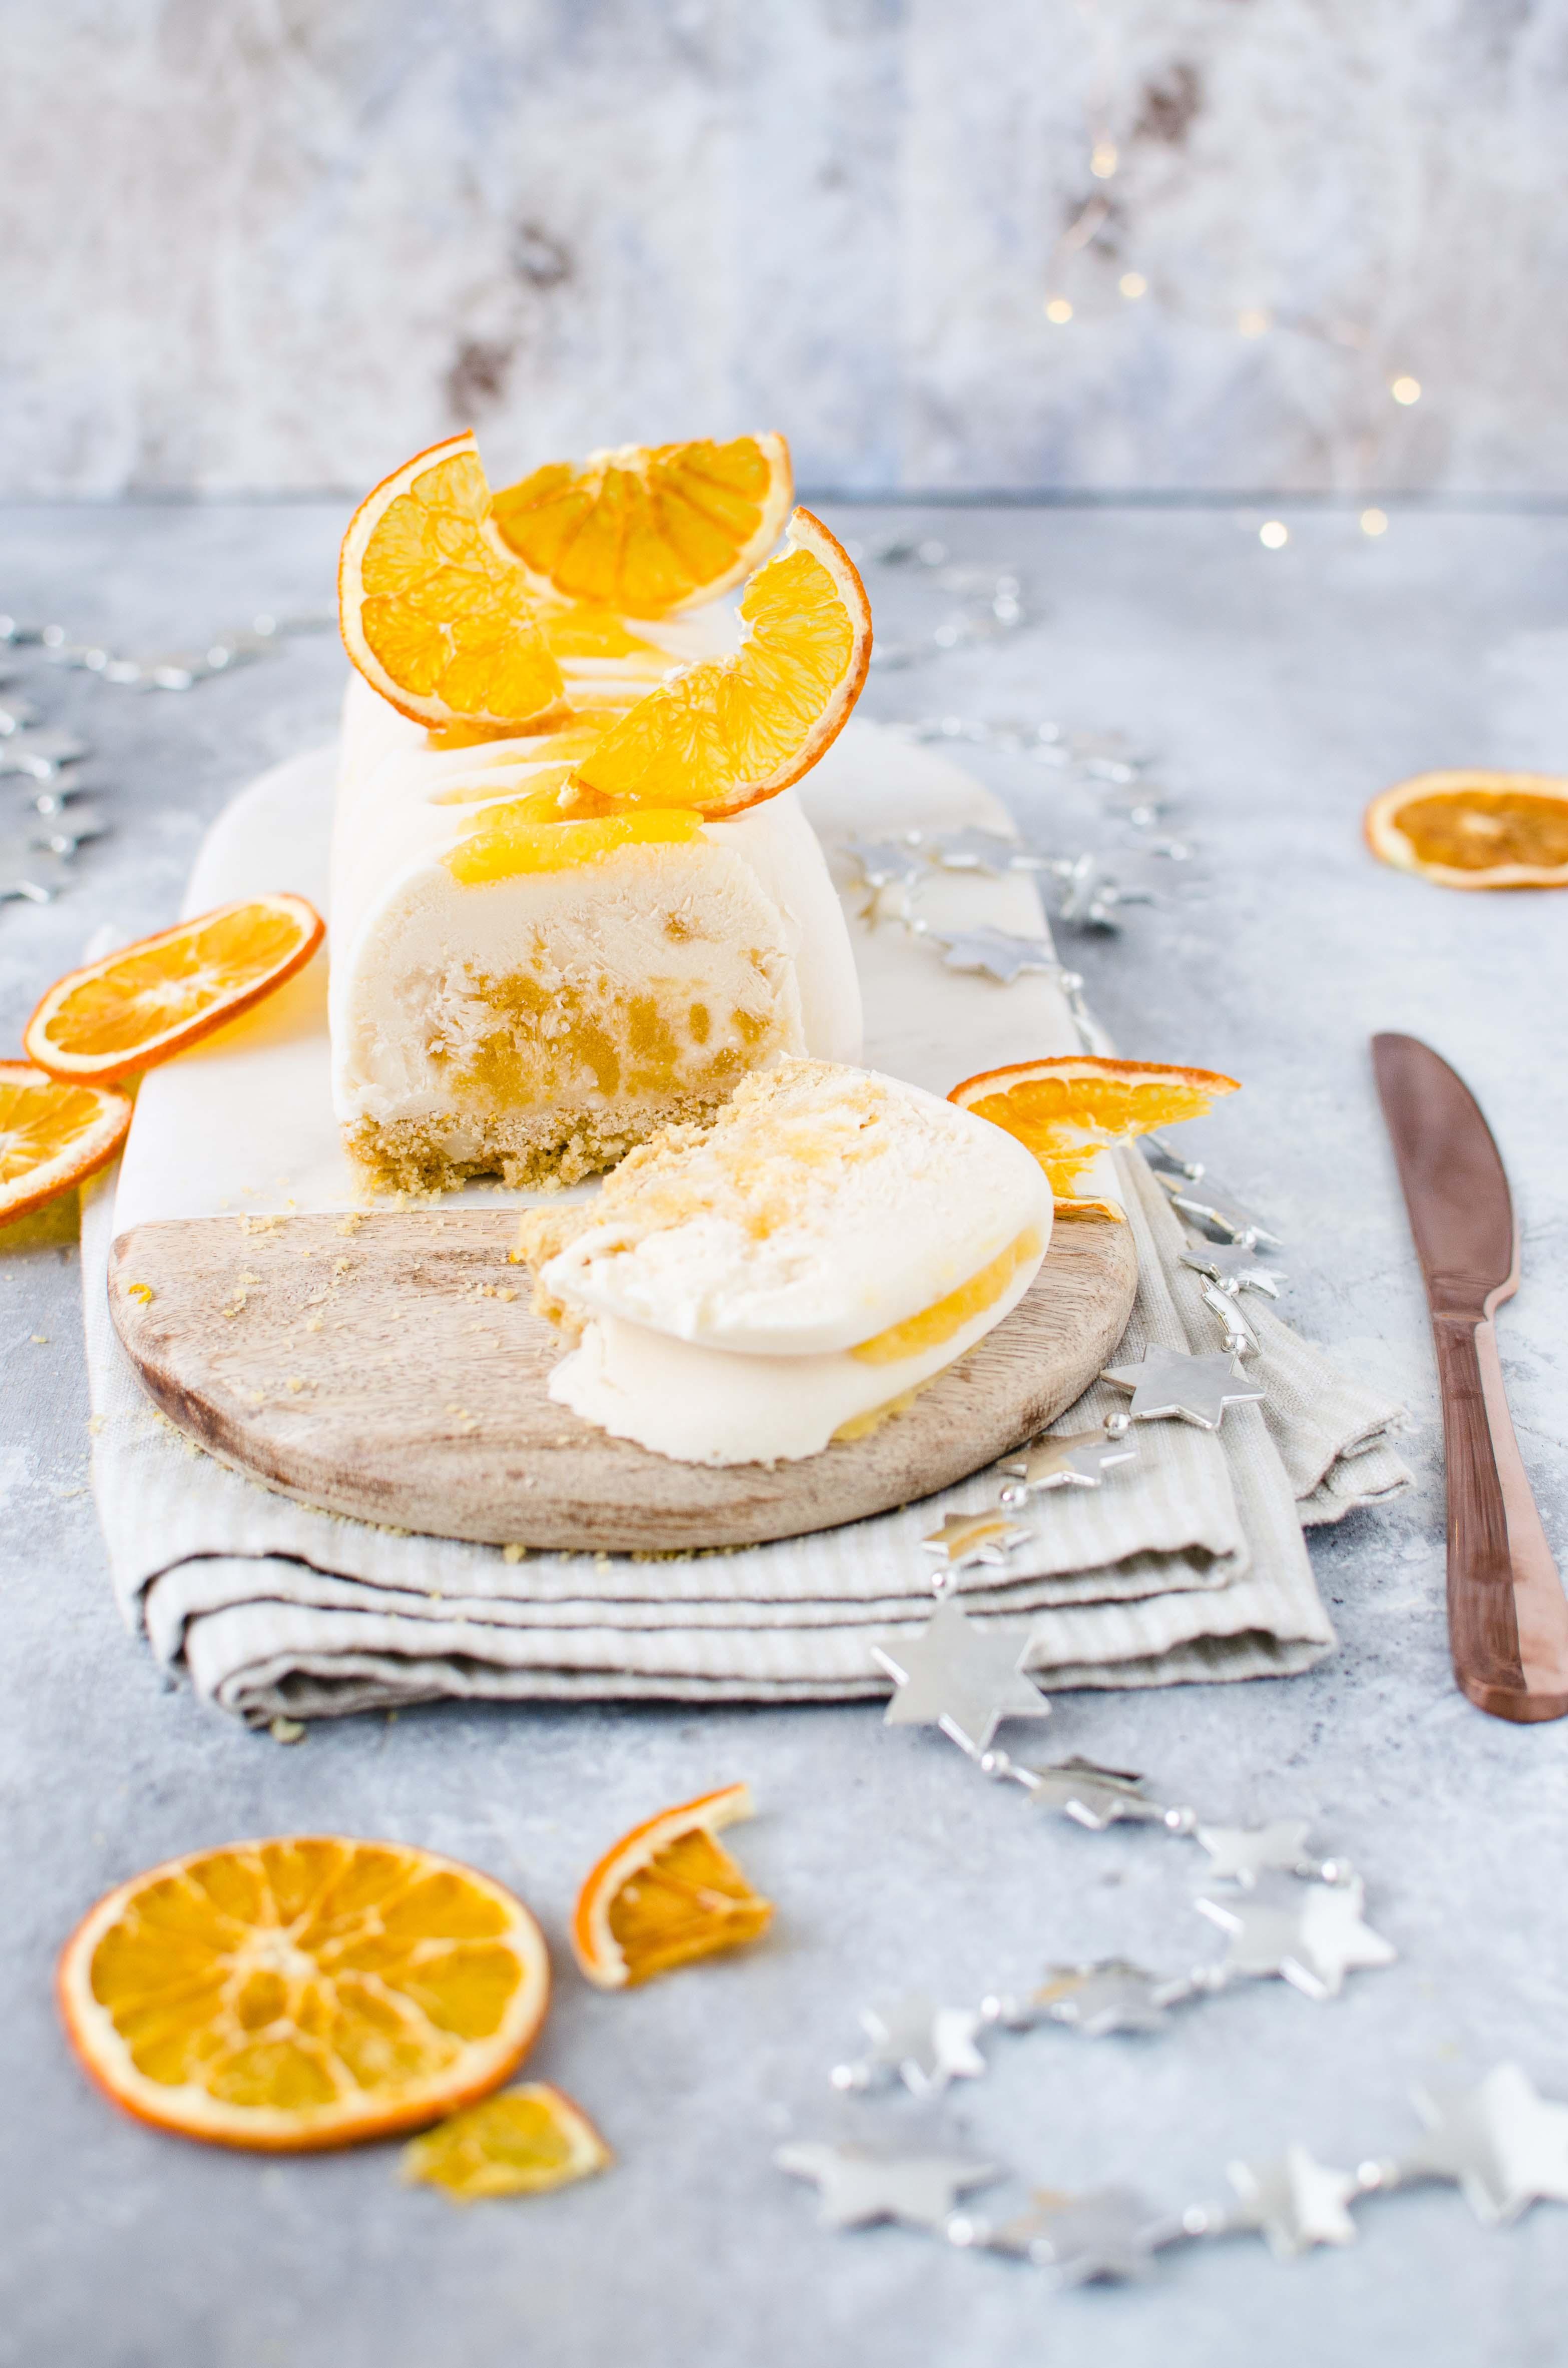 gelato-di-yogurt-arancia Tronchetto di gelato alle mandorle con gelée all'arancia